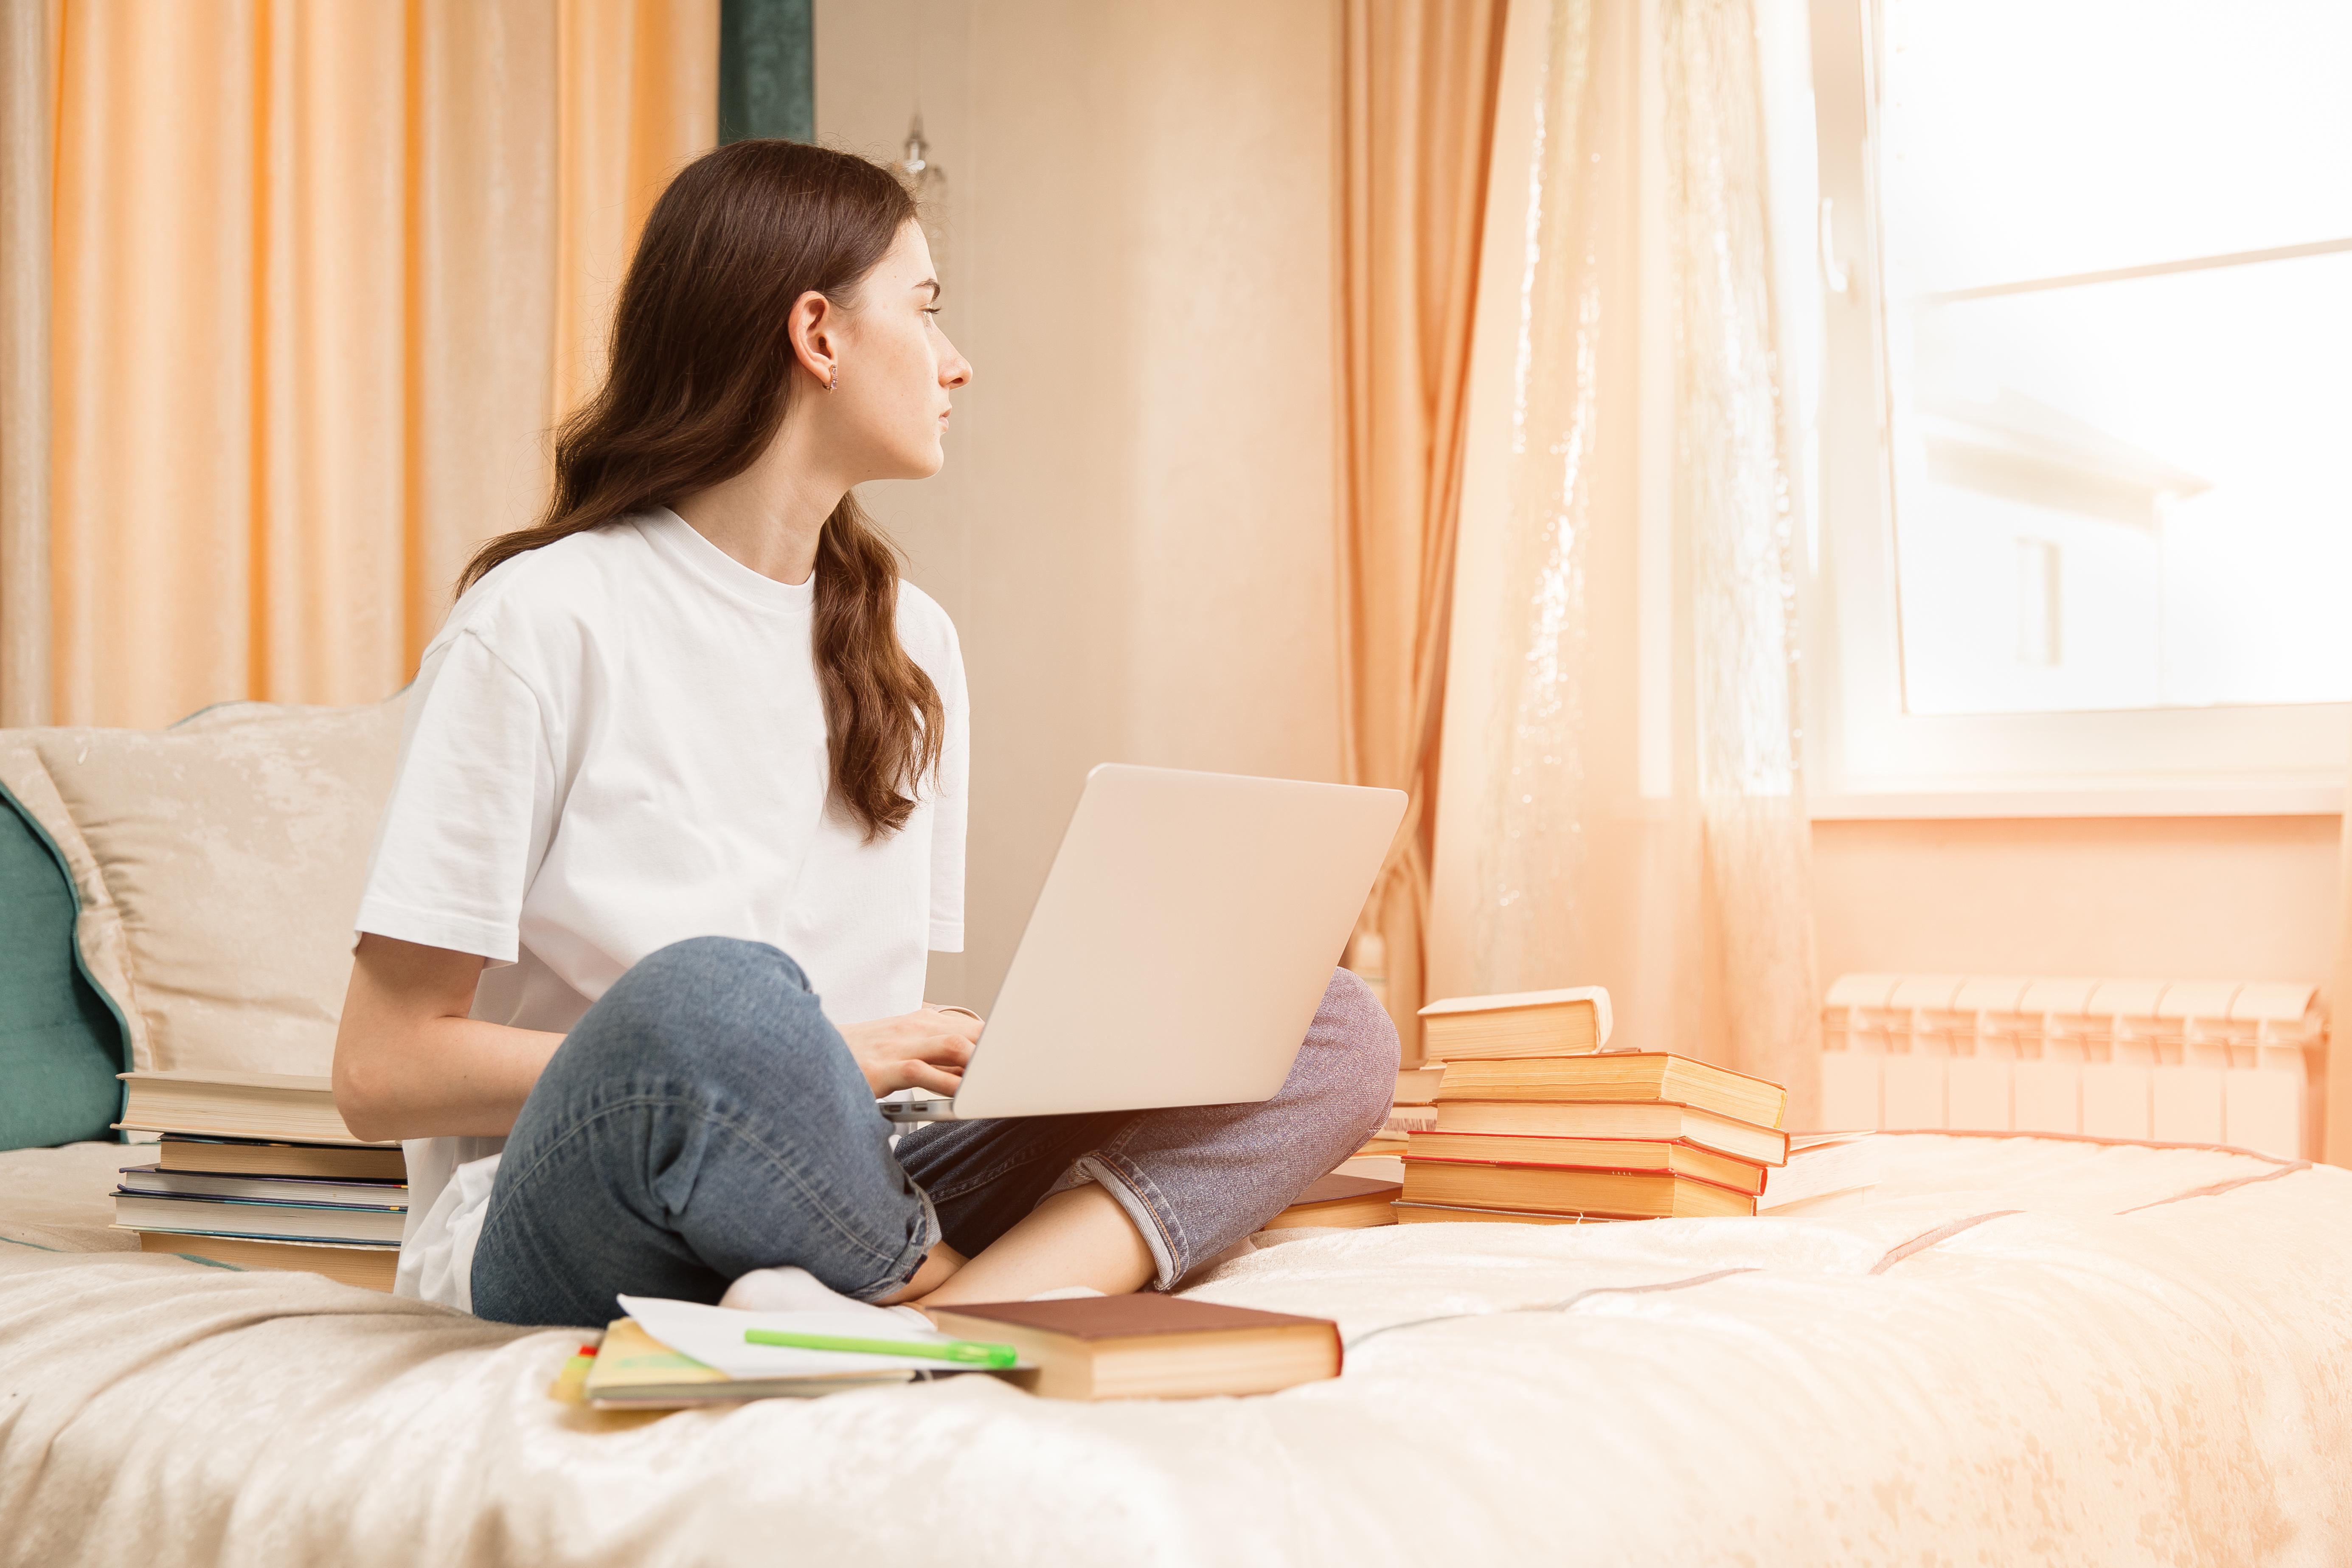 Tinerii nu mai sunt pretențioși când își caută un loc de muncă. Cerere mult mai mare decât anul trecut